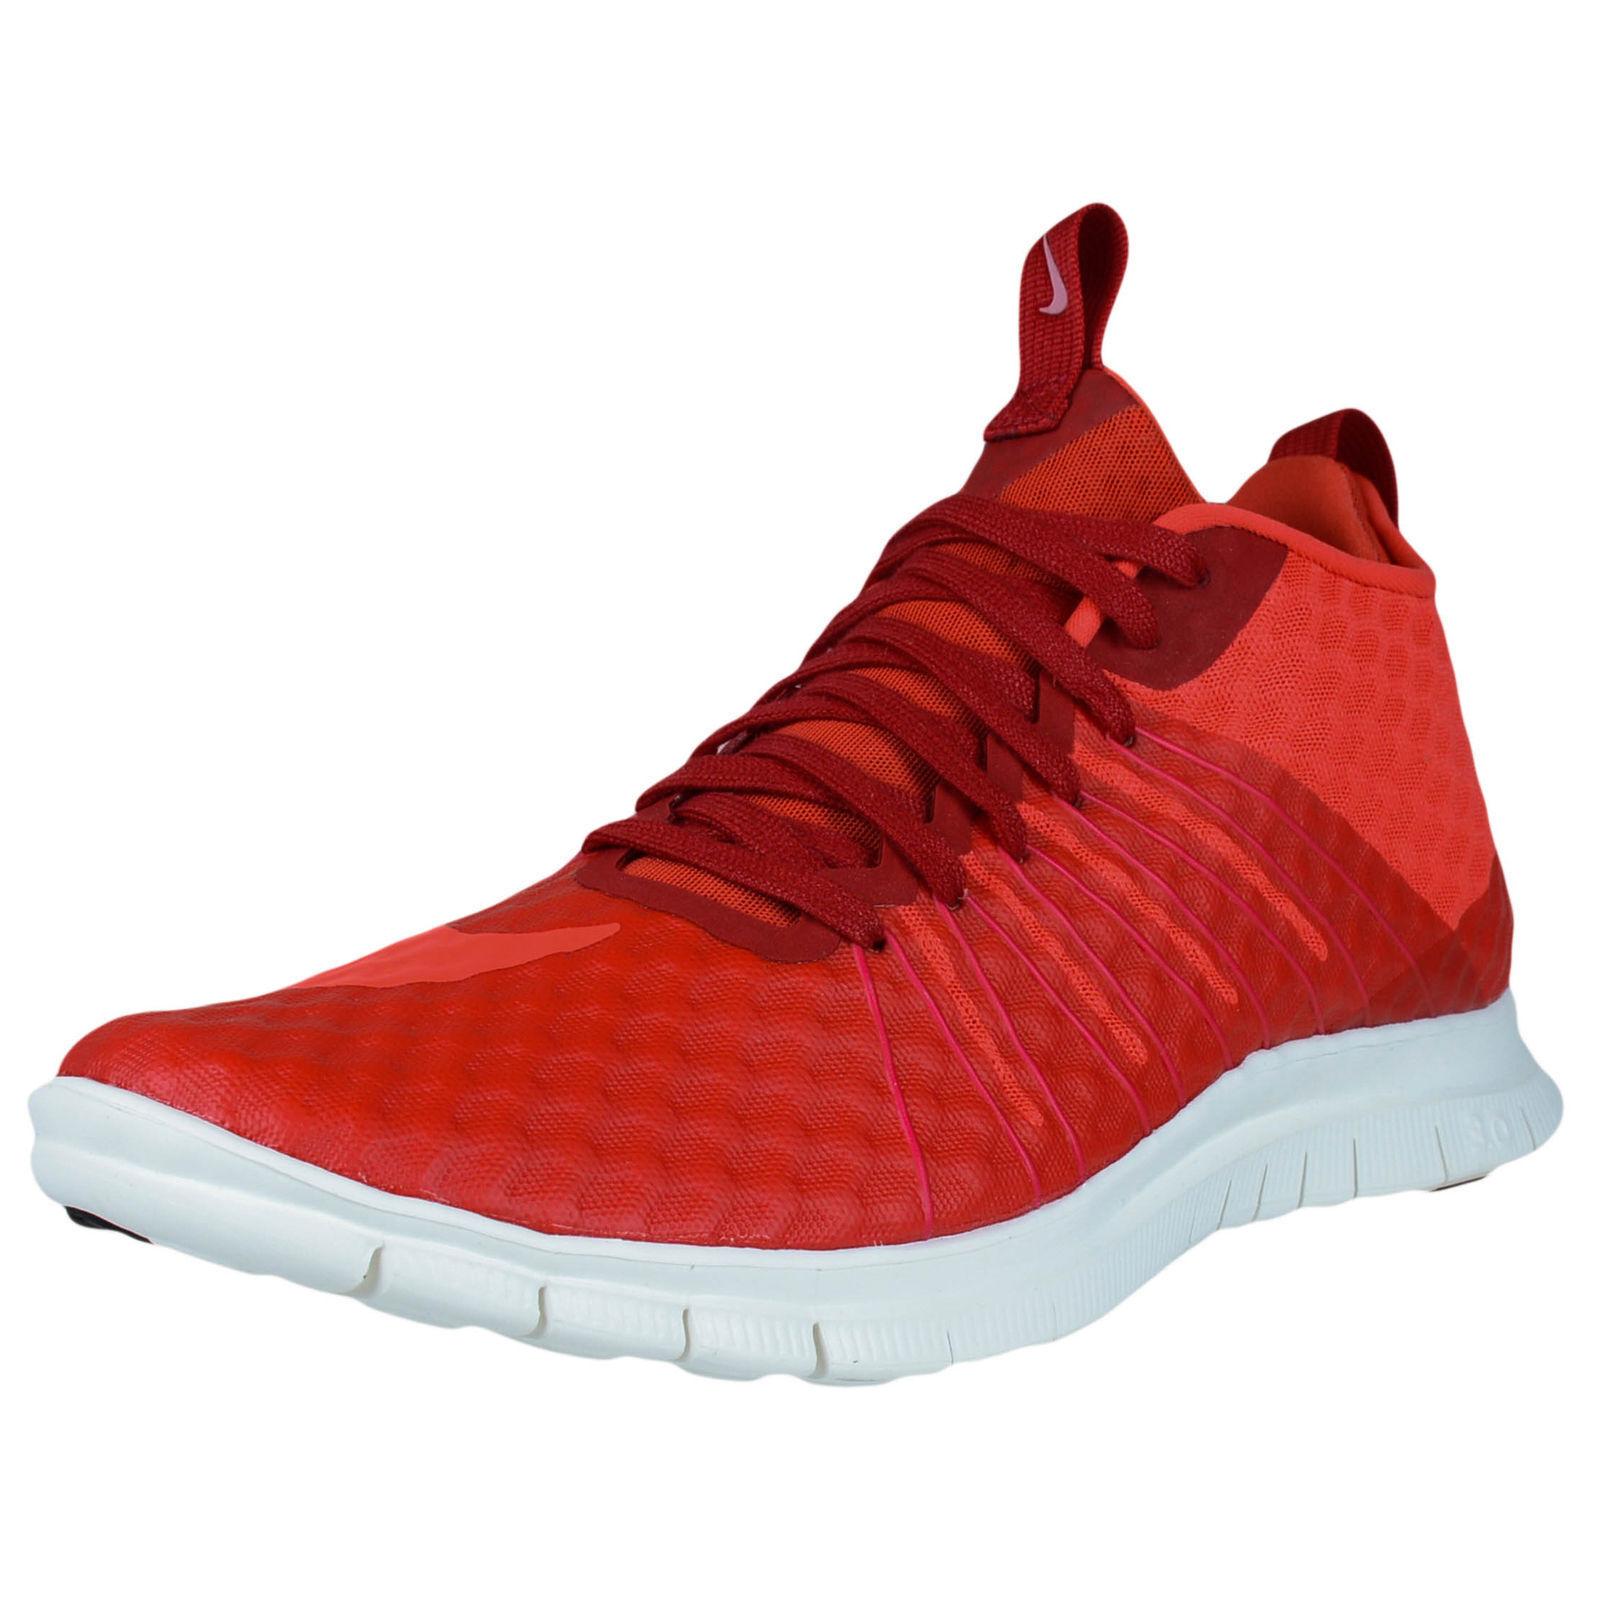 Nike W Diffuso Blazer Basso Sd Scamosciato Diffuso W Vela Av9373-200 Donne Scorpe 7 4dc346